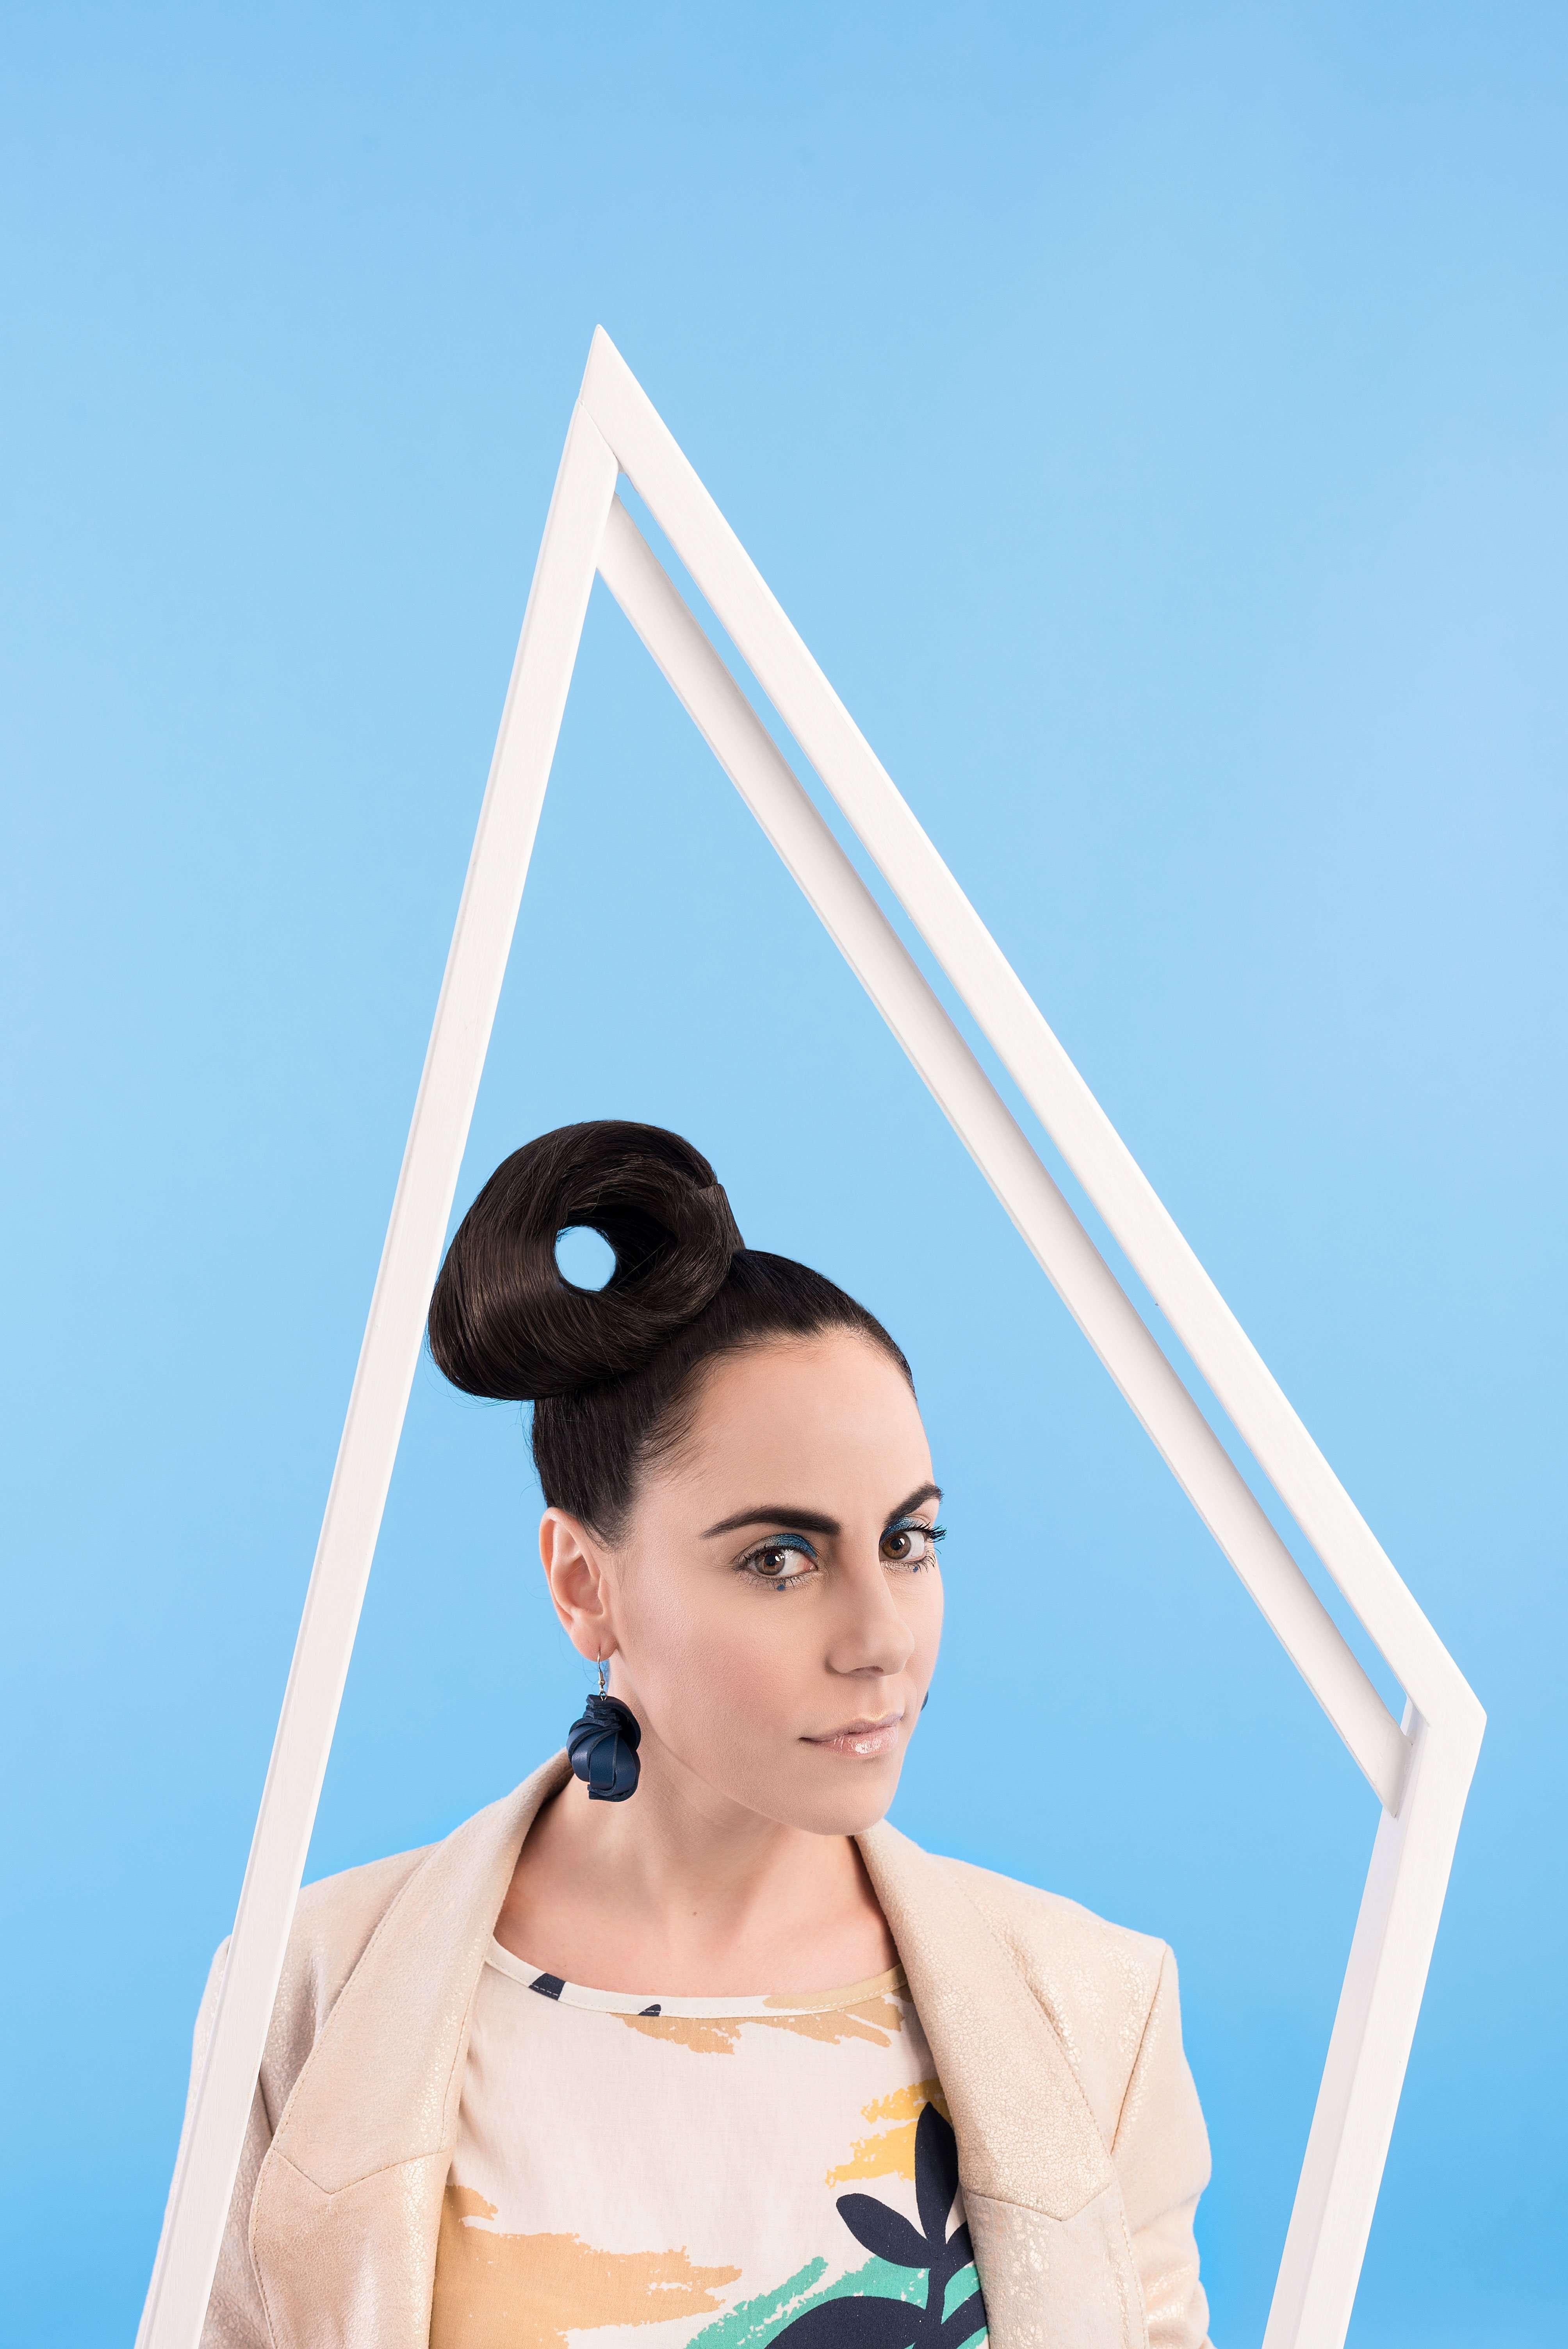 Fotografia portrait ritratto modella espressiva realizzata da Barbara Trincone, fashion photographer di Napoli che offre servizi fotografici di moda, book fotografici per modelli e attori, ritratti glamour, fitness